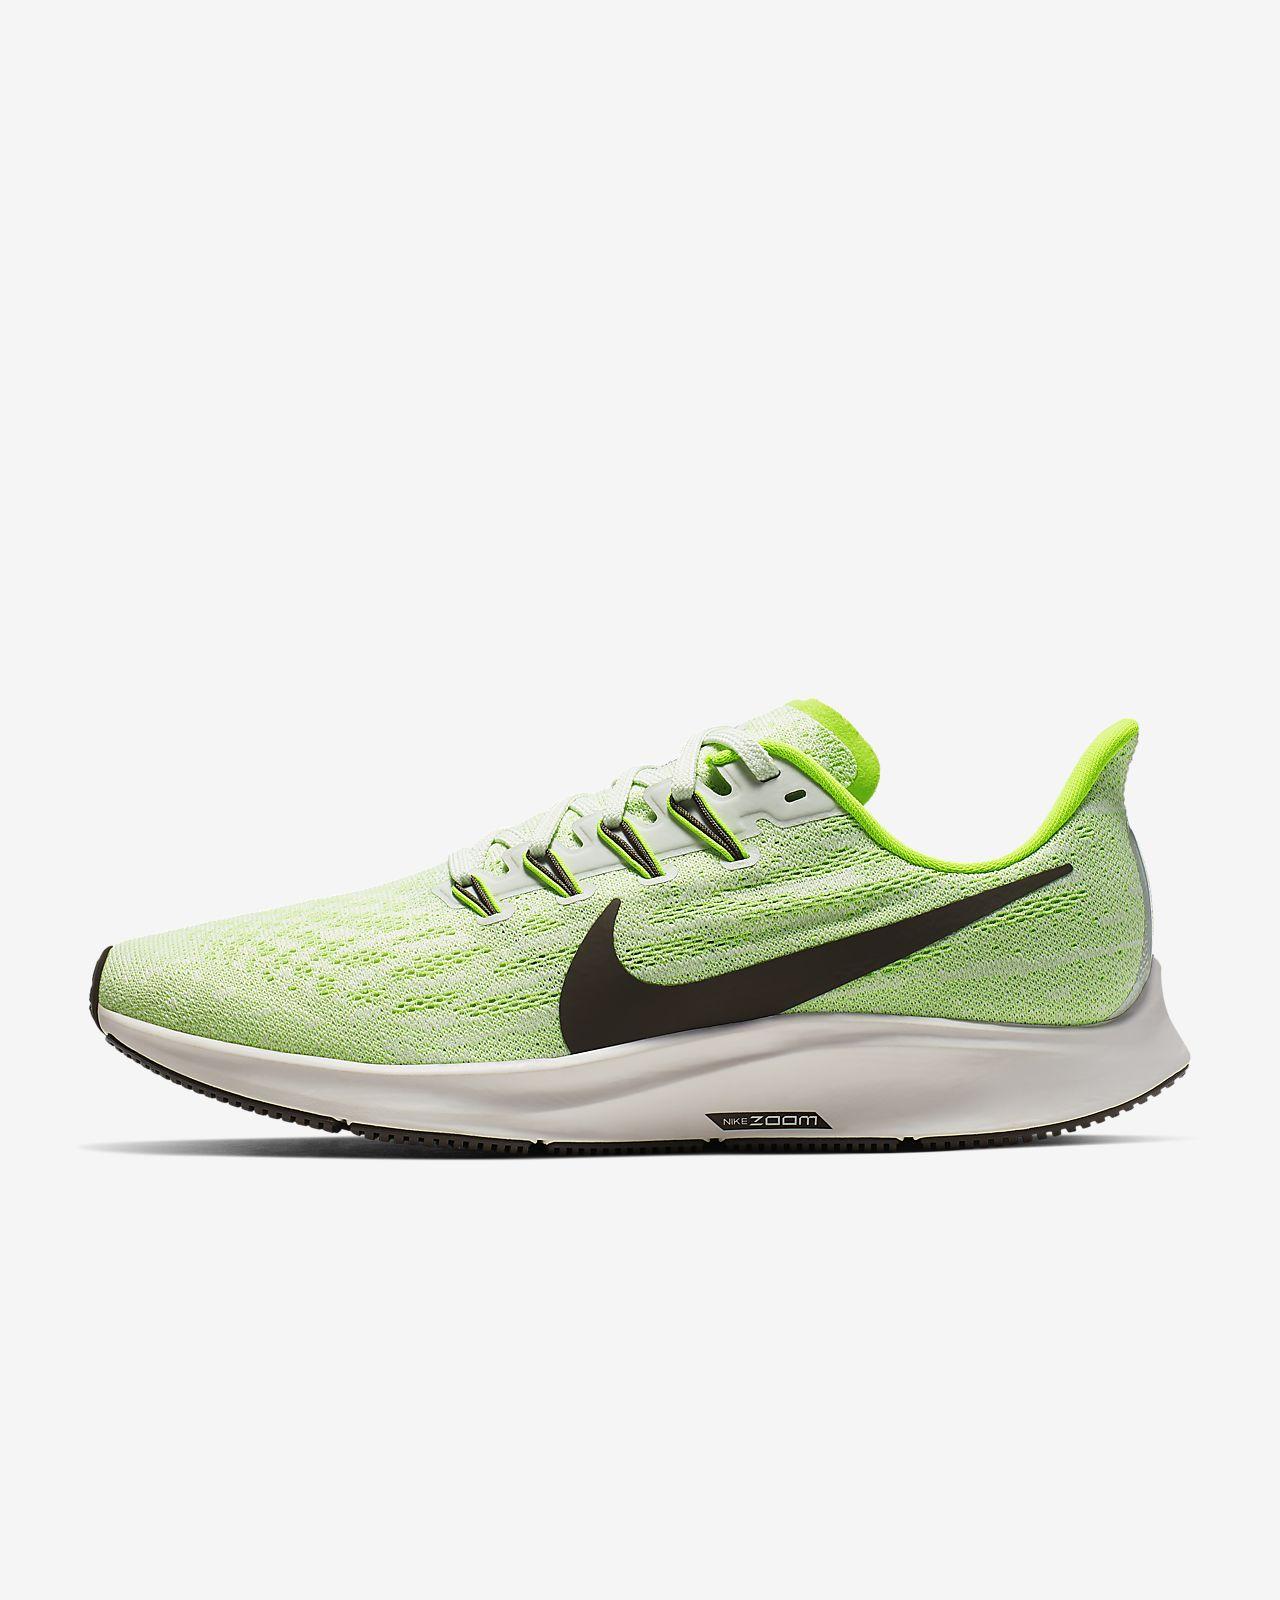 Nike Air Zoom Pegasus 36 Hardloopschoen voor heren